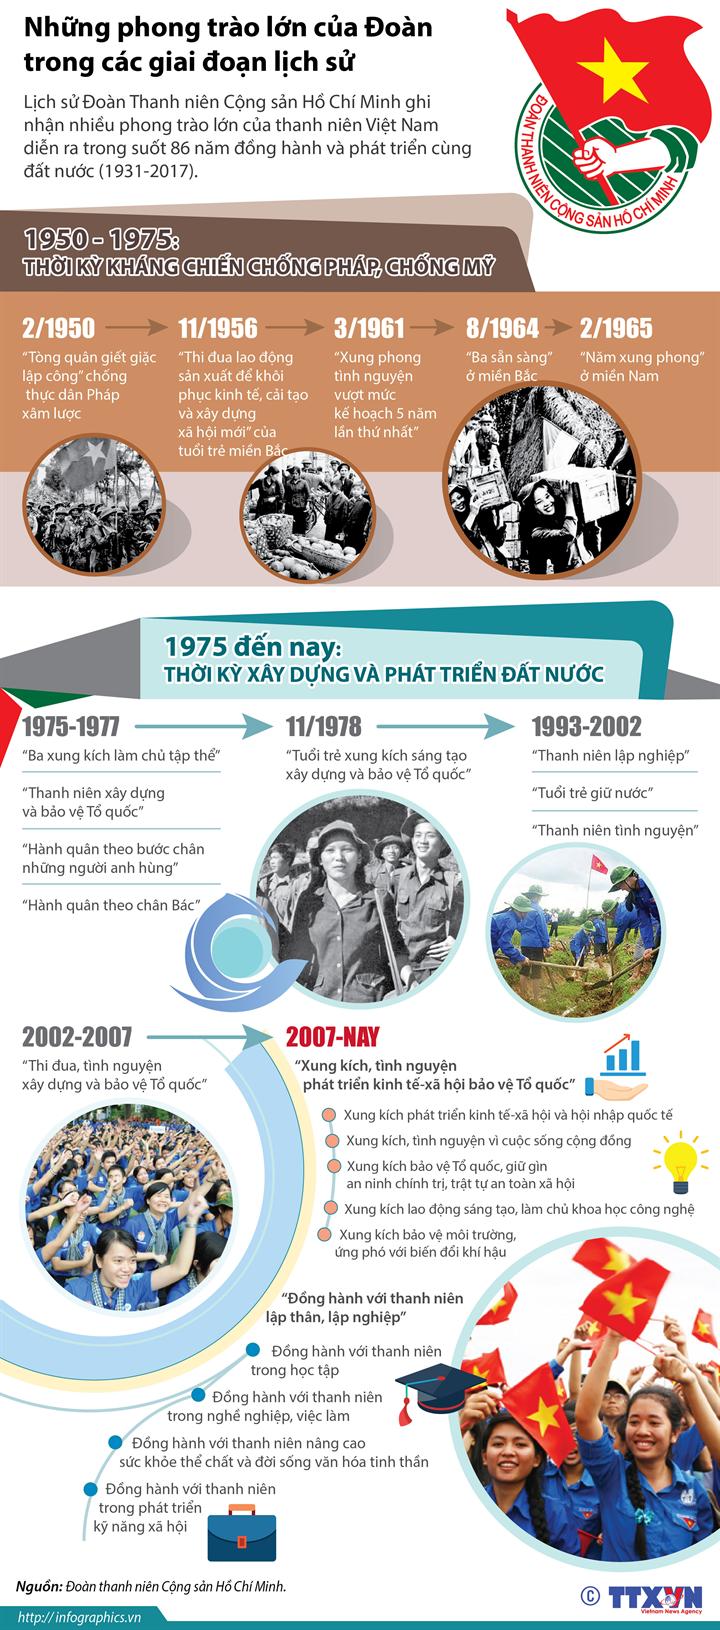 Những phong trào lớn của Đoàn trong các giai đoạn lịch sử